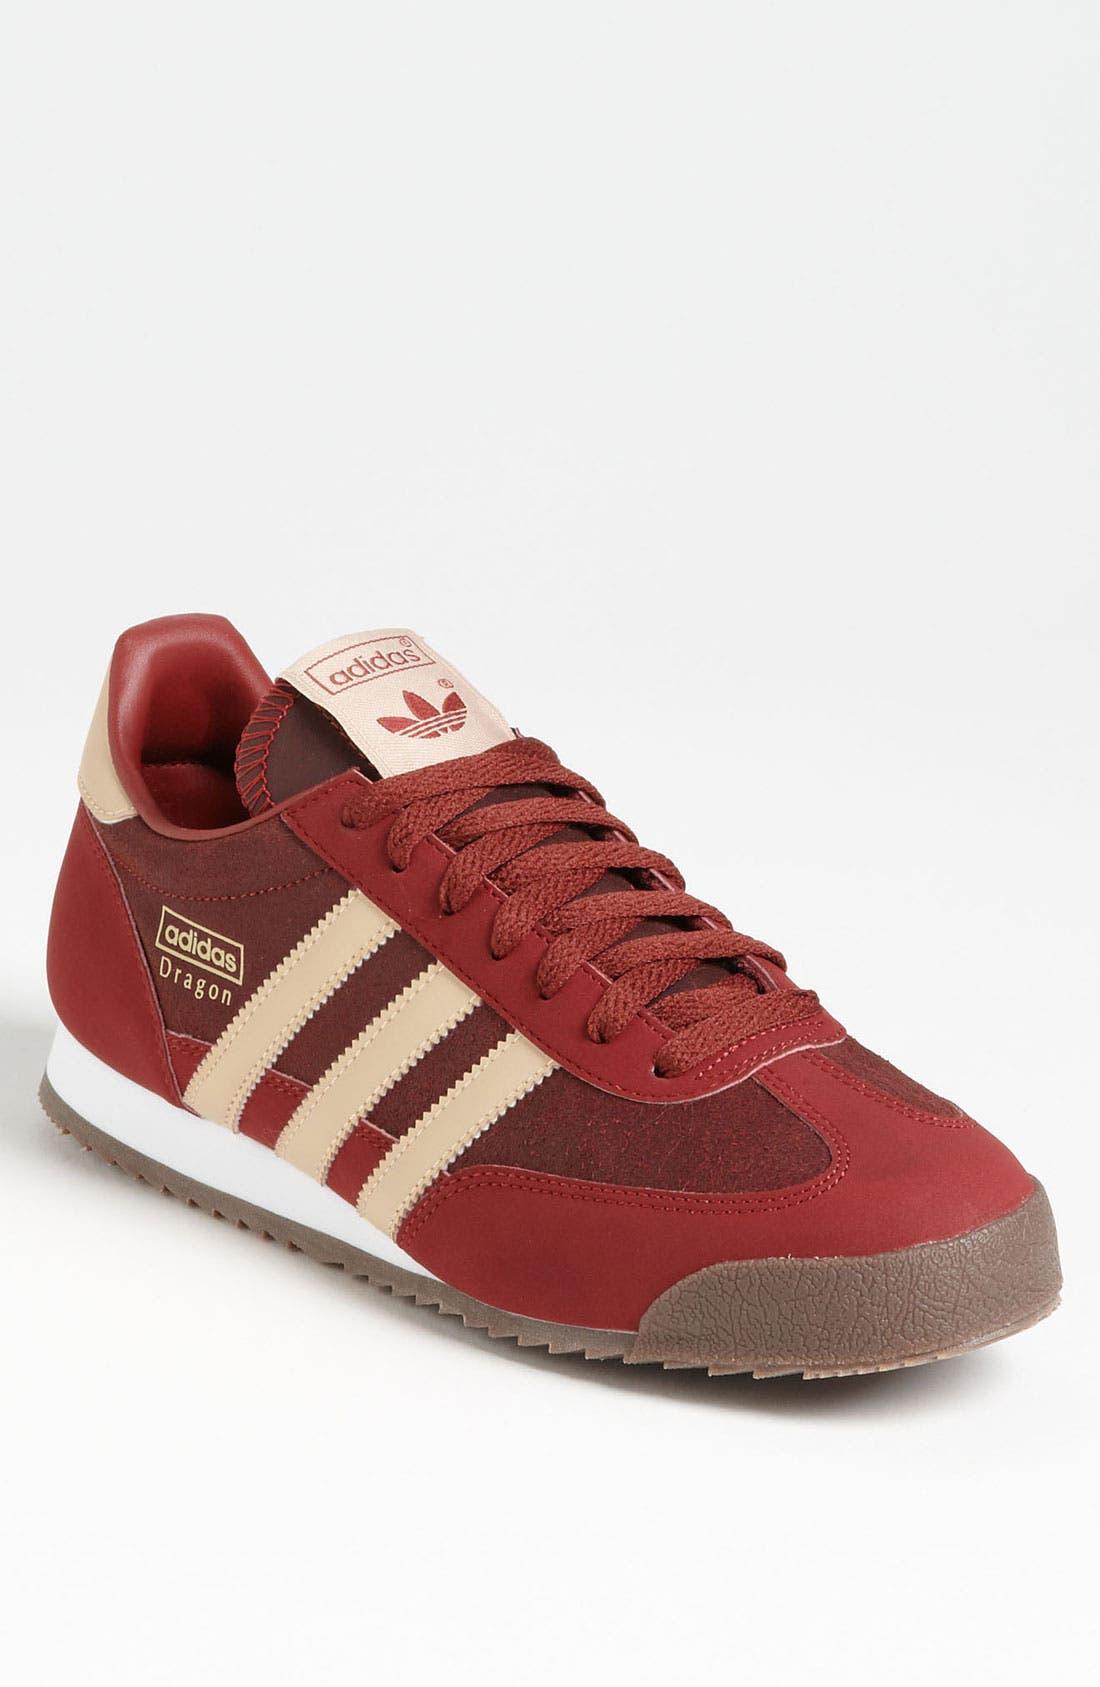 Alternate Image 1 Selected - adidas 'Dragon' Sneaker (Men)